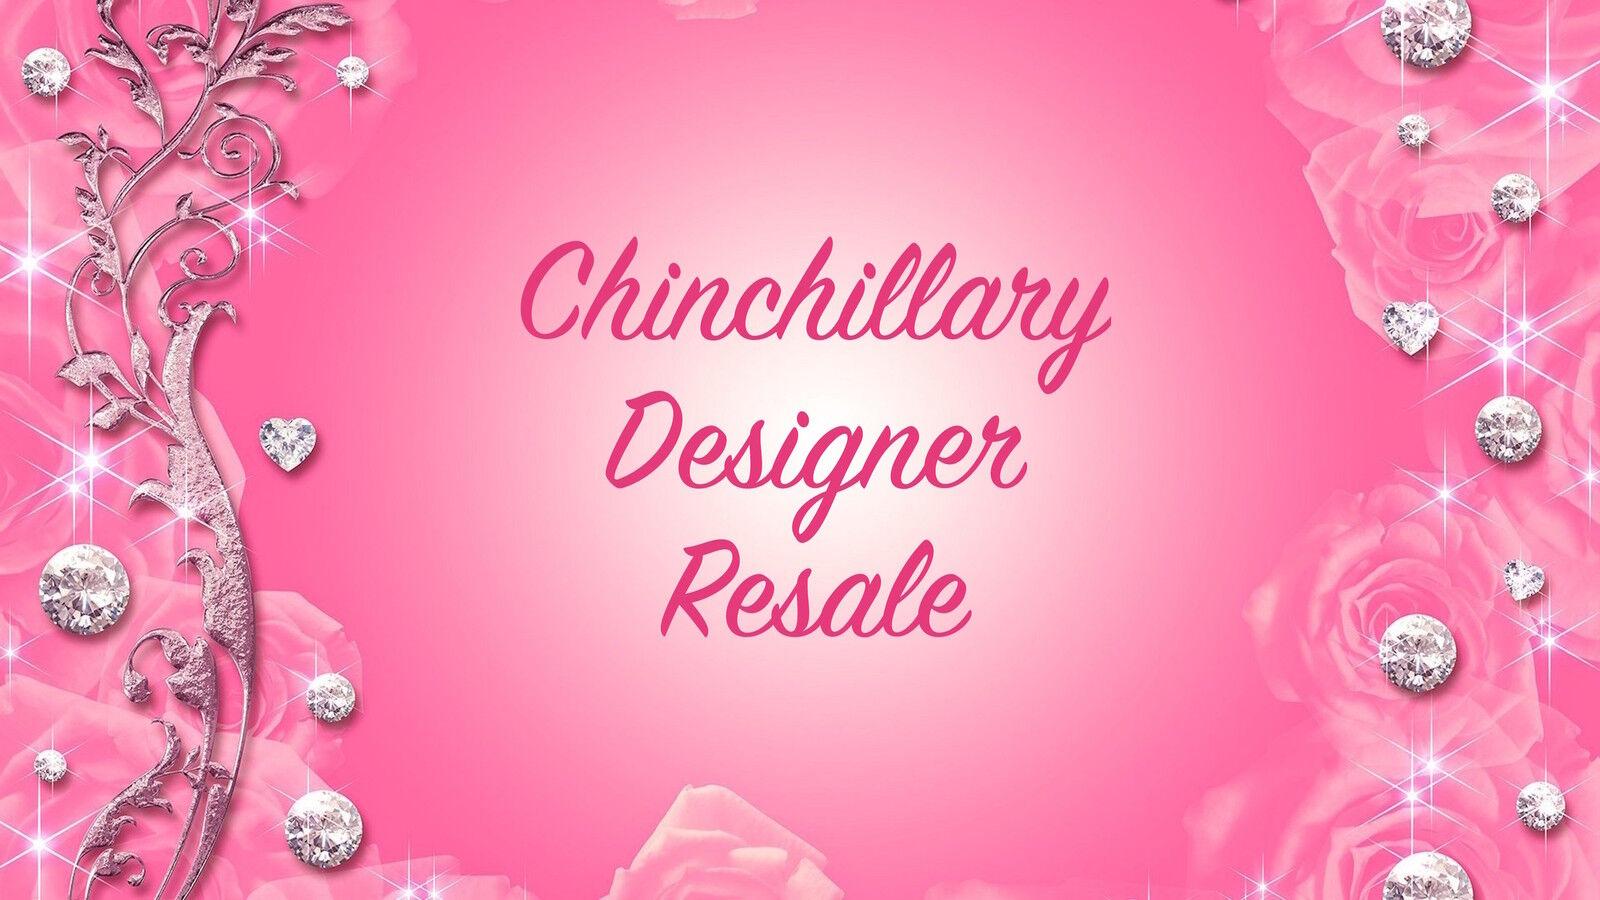 Chinchillary Designer Resale